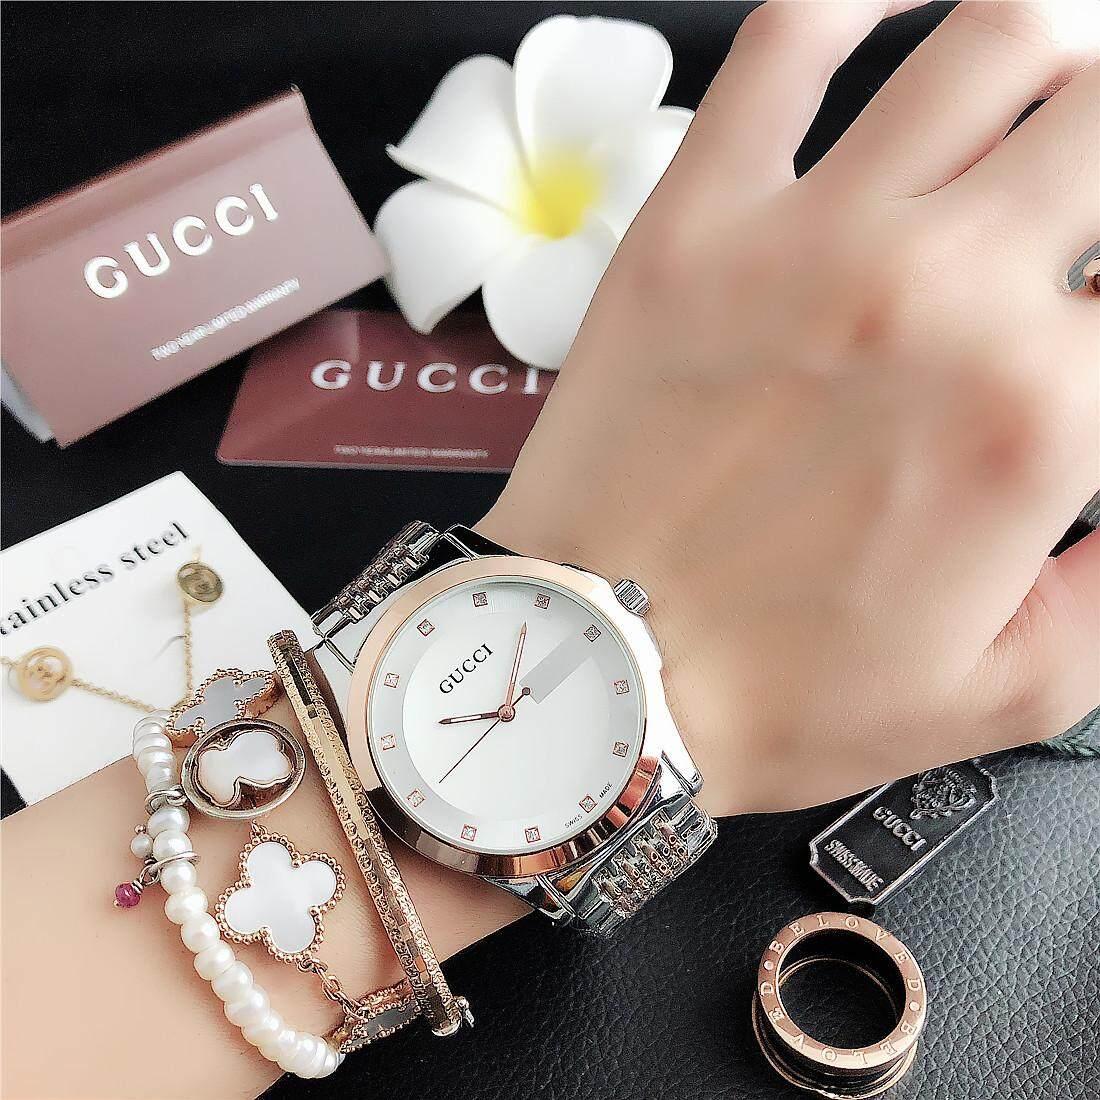 Gucci_Fashion Đơn Giản Công Sở Thường Ngày Cá Tính Mới 2019 Màu Trắng Vàng Dezel Đồng Steelstrap 32 Mm Chống Nước Chuyển Động Thạch Anh Dây Dành Cho Nữ Cùng Giá Khuyến Mãi Hot